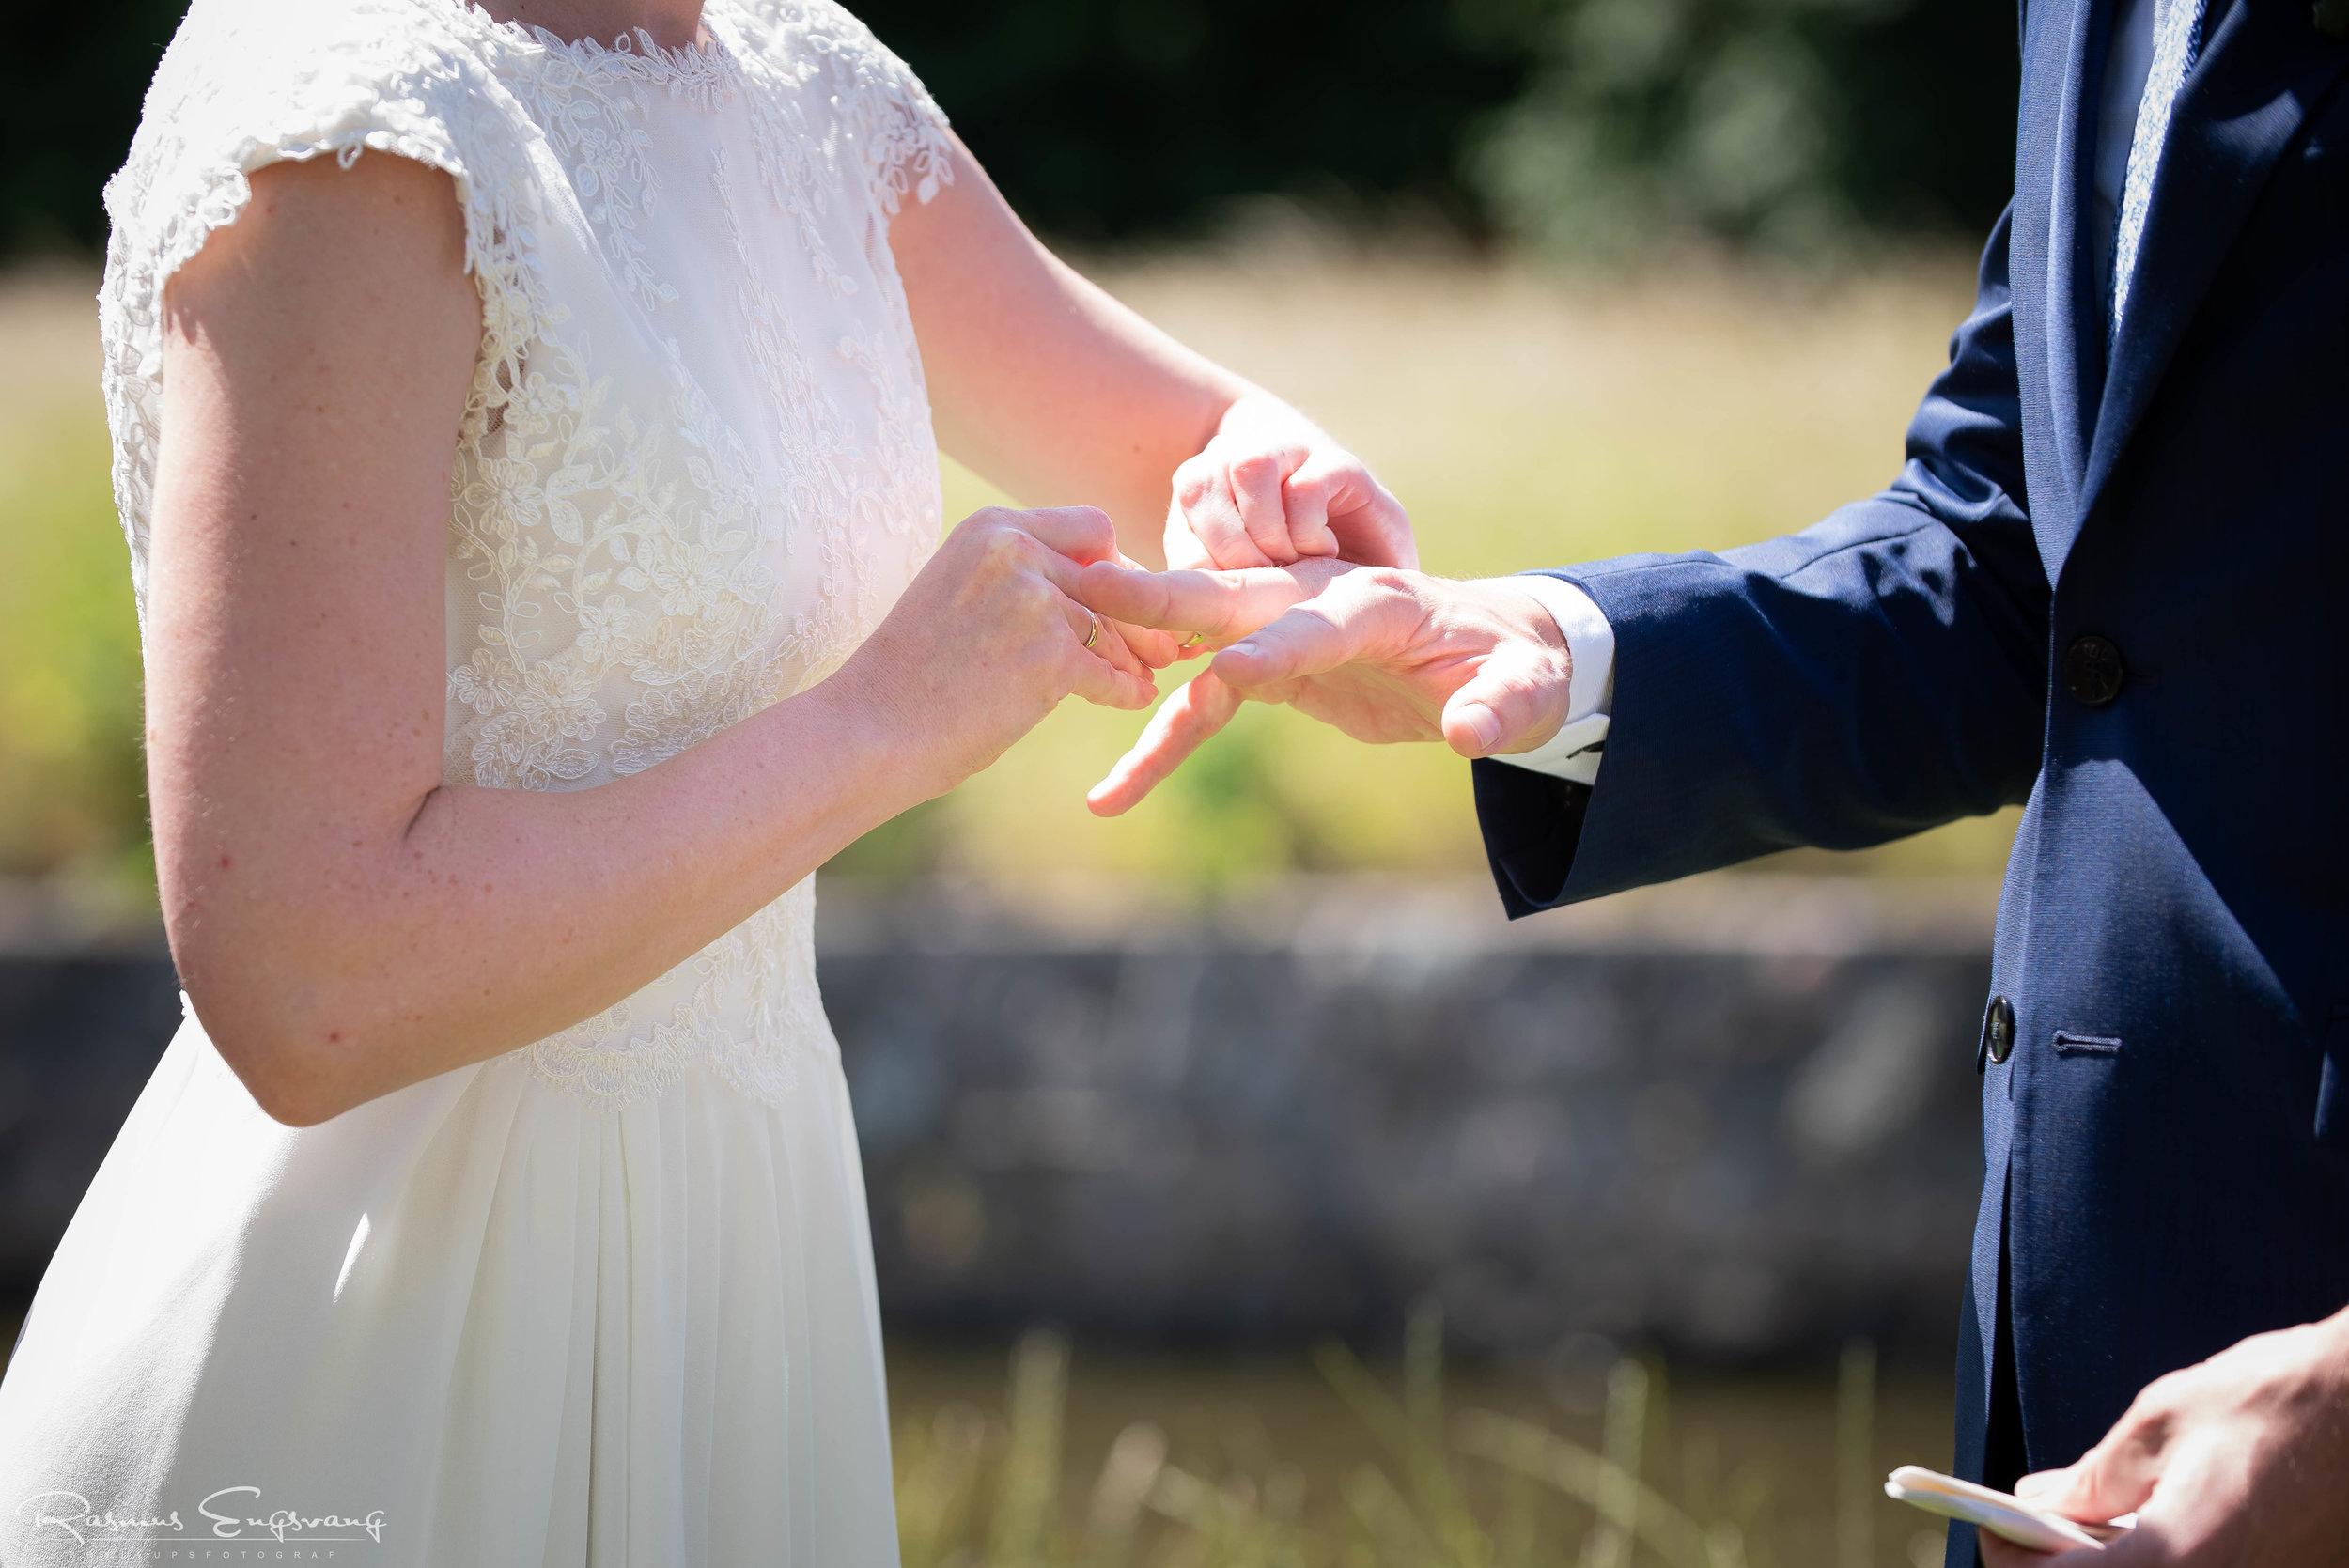 111_Bryllup_Kattinge Værk_Natur_Vielse.jpg